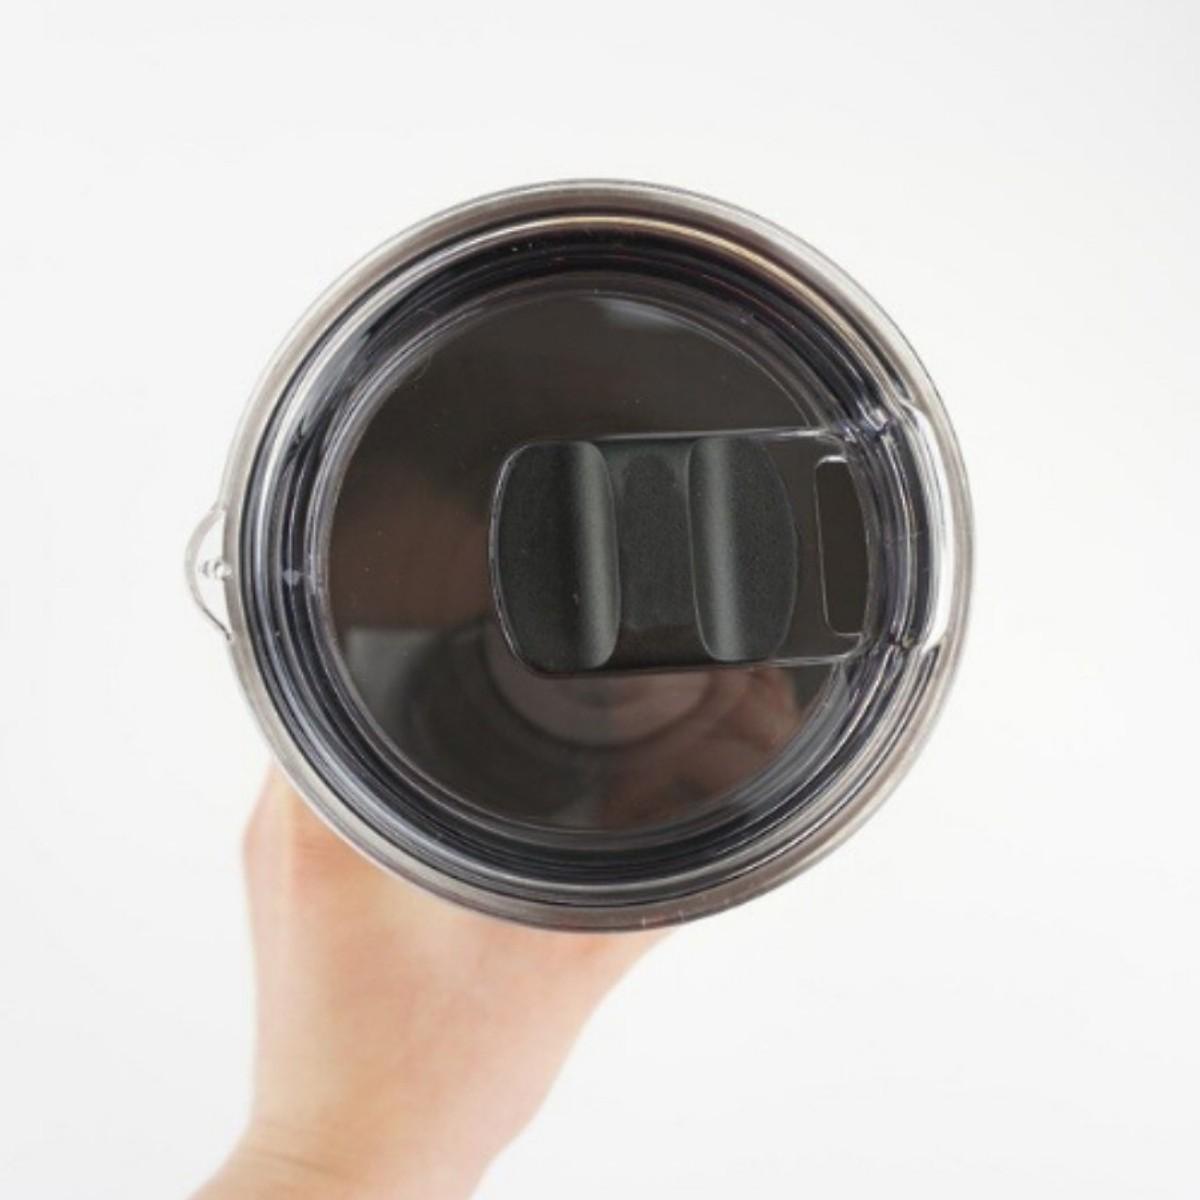 Ly Giữ Nhiệt Thái Lan YT 900ml Chất Liệu Inox 430 Có Nắp Chống Tràn + Tặng Kèm Bộ Ống Hút Inox Tái Sử Dụng Và Túi Đựng Thời Trang Đáng Yêu (Nhiều Màu)